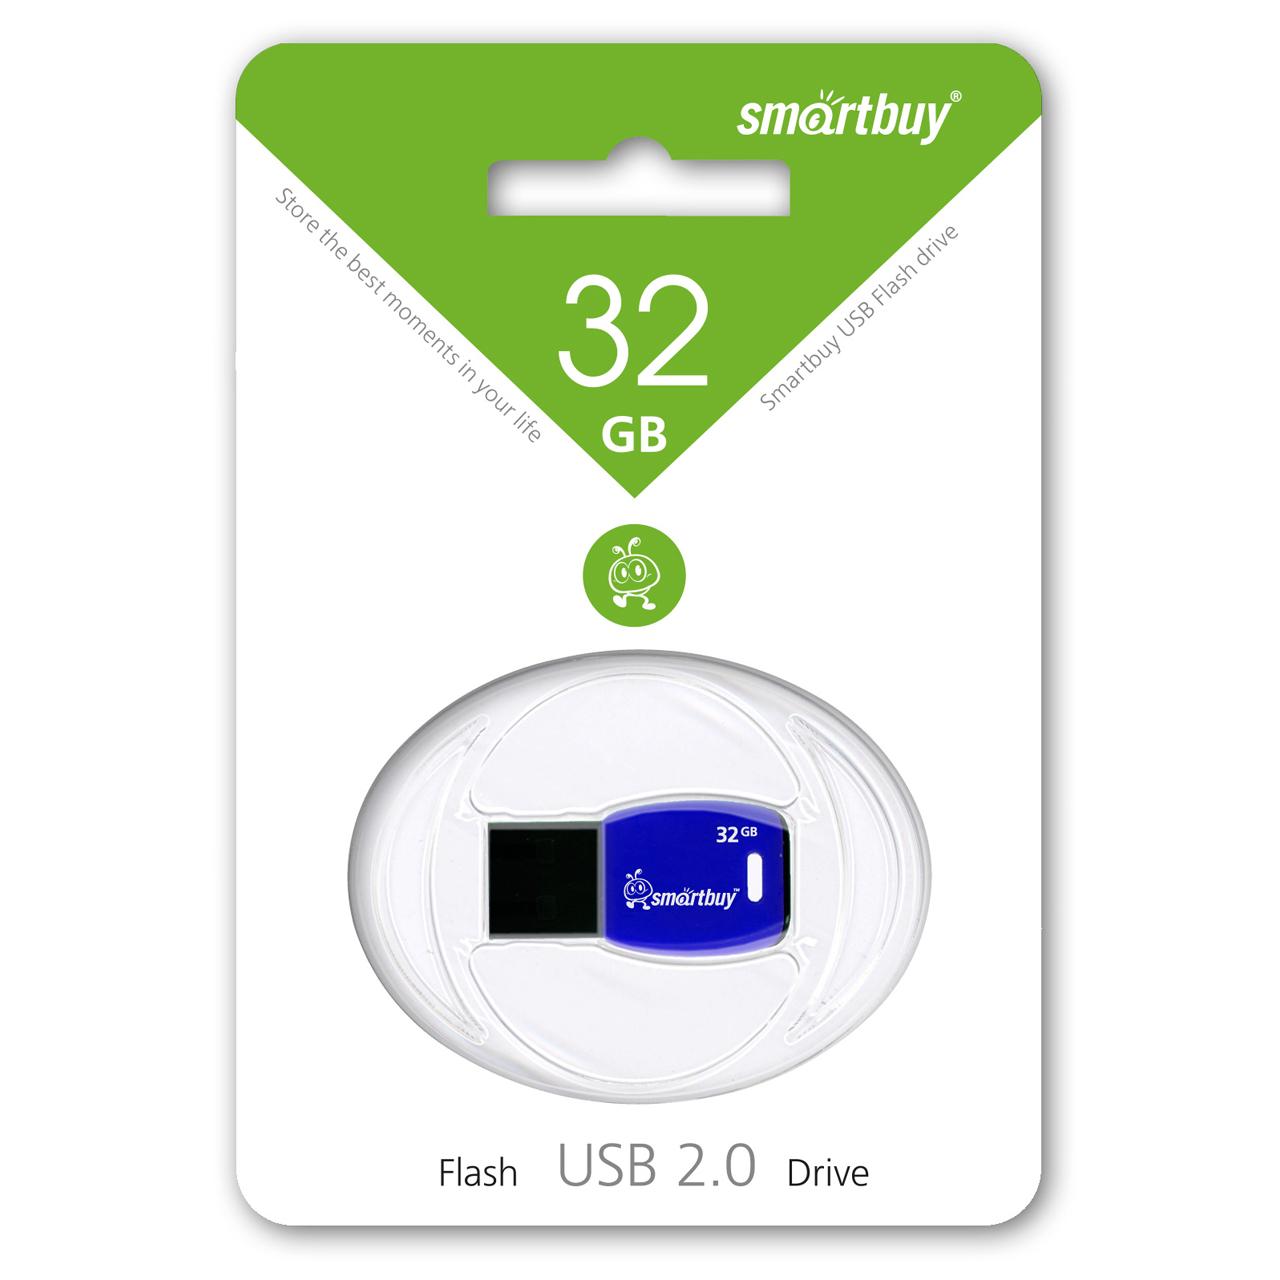 SmartBuy Cobra 32GB, Dark Blue USB-накопительSB32GBCR-DbВ цифровую эру компактный флеш-накопитель - это ключ в цифровой мир, который предлагает бесконечные возможности сохранения памятных событий. Флеш-накопитель Smartbuy Cobra, по дизайну напоминающий ключ, можно подсоединить к брелоку с другими ключами, что позволит вам всегда свои воспоминания носить с собой. Совместима с: Windows 8/7/XP/2000/Vista, Mac OS 8.6 и Linux 2.4.0 (или выше)Уникальный дизайн в виде ключаПропускная способность интерфейса: 480 Мбит/сек